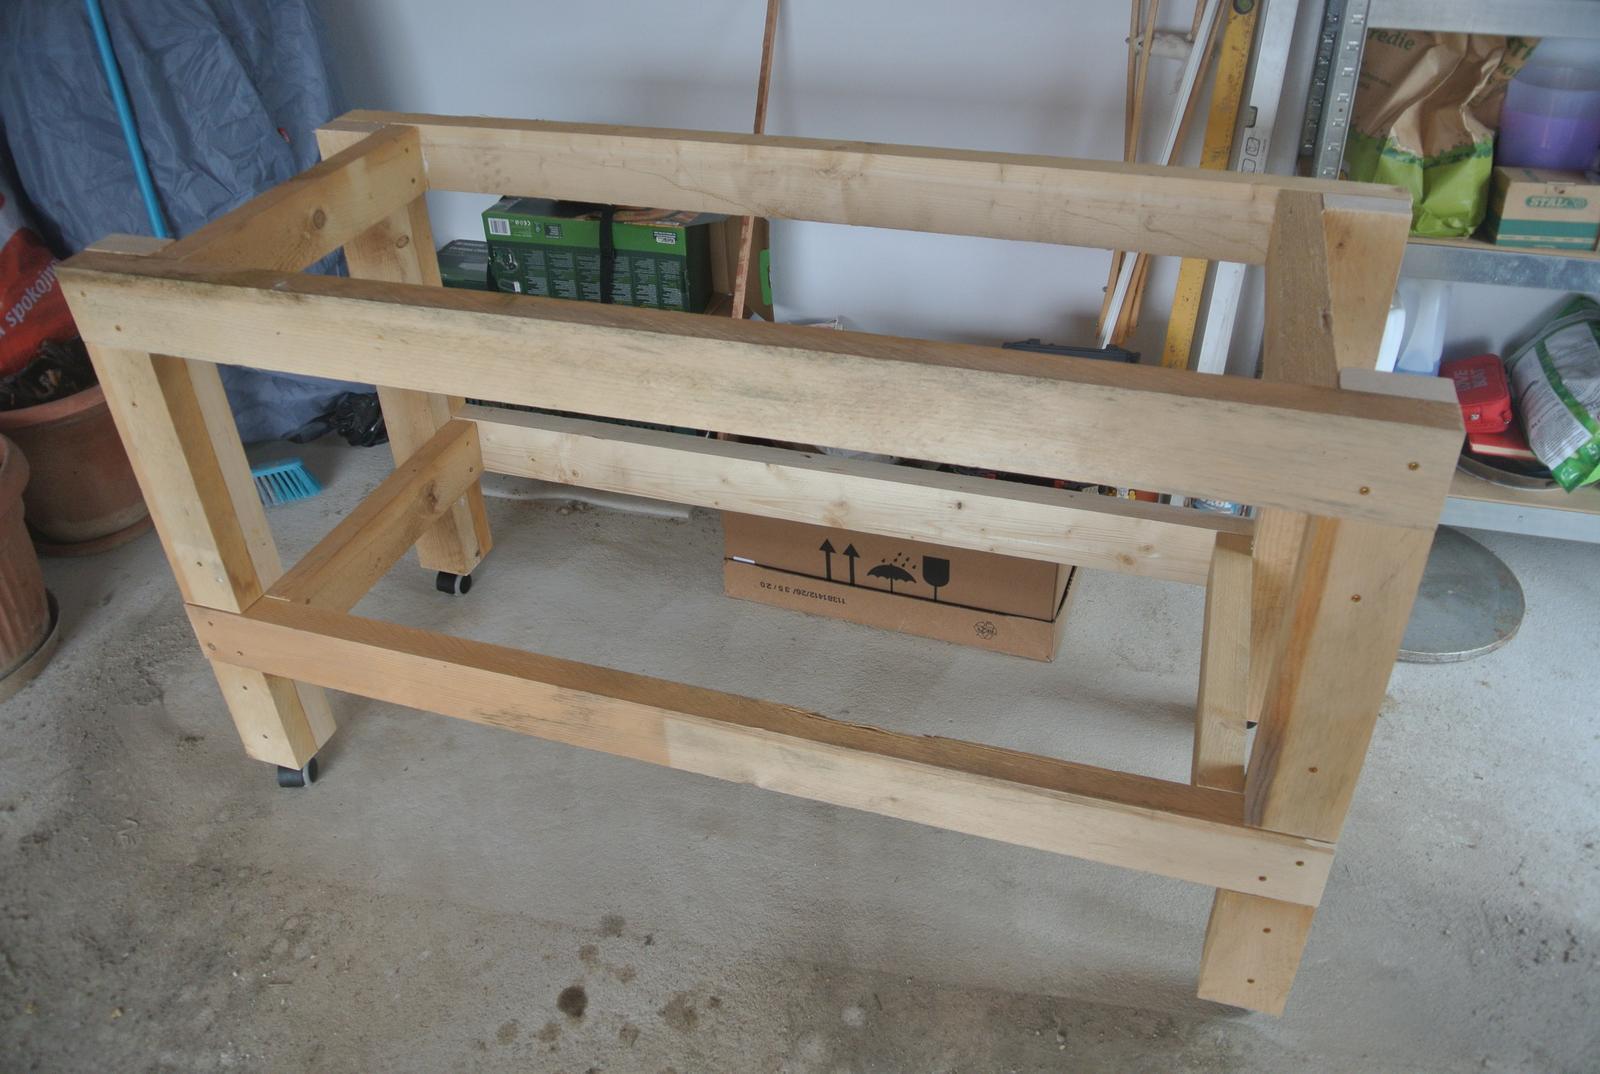 Moje tvorenie z dreva - Už poskladaný.